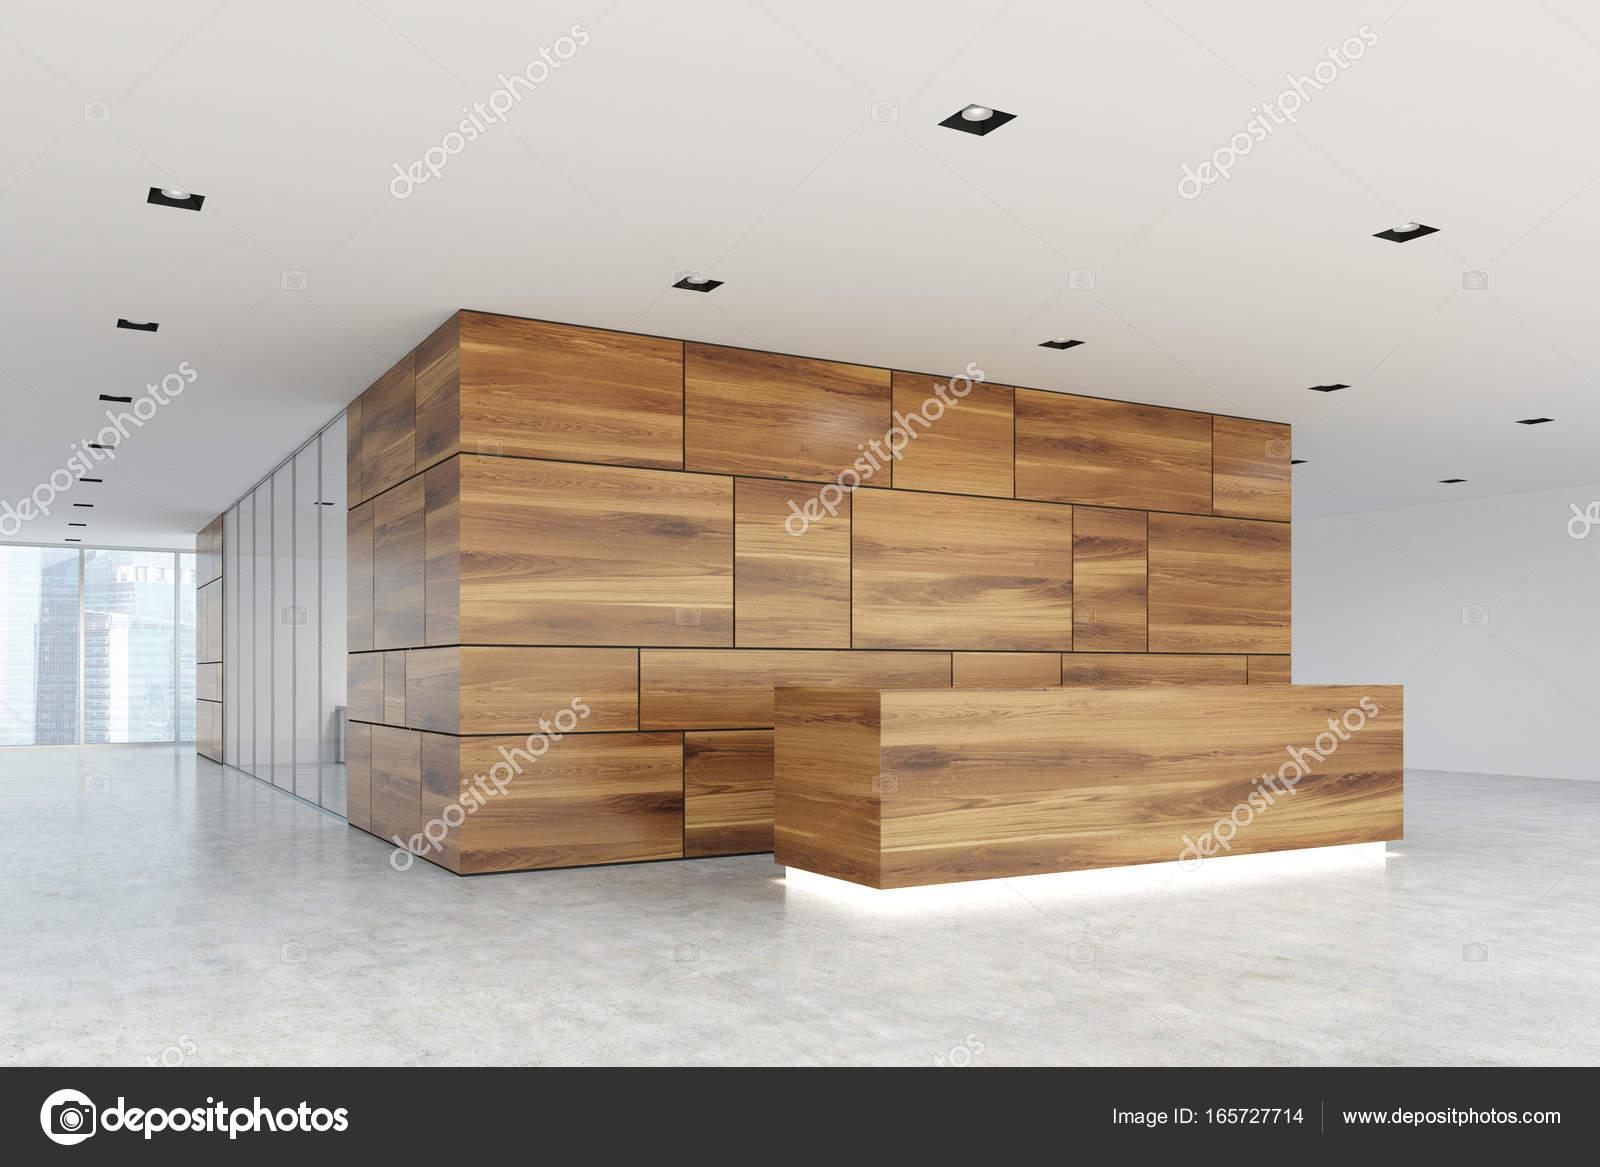 Berühmt Design Aus Glas Rezeption Bilder Bilder - Die Designideen ...